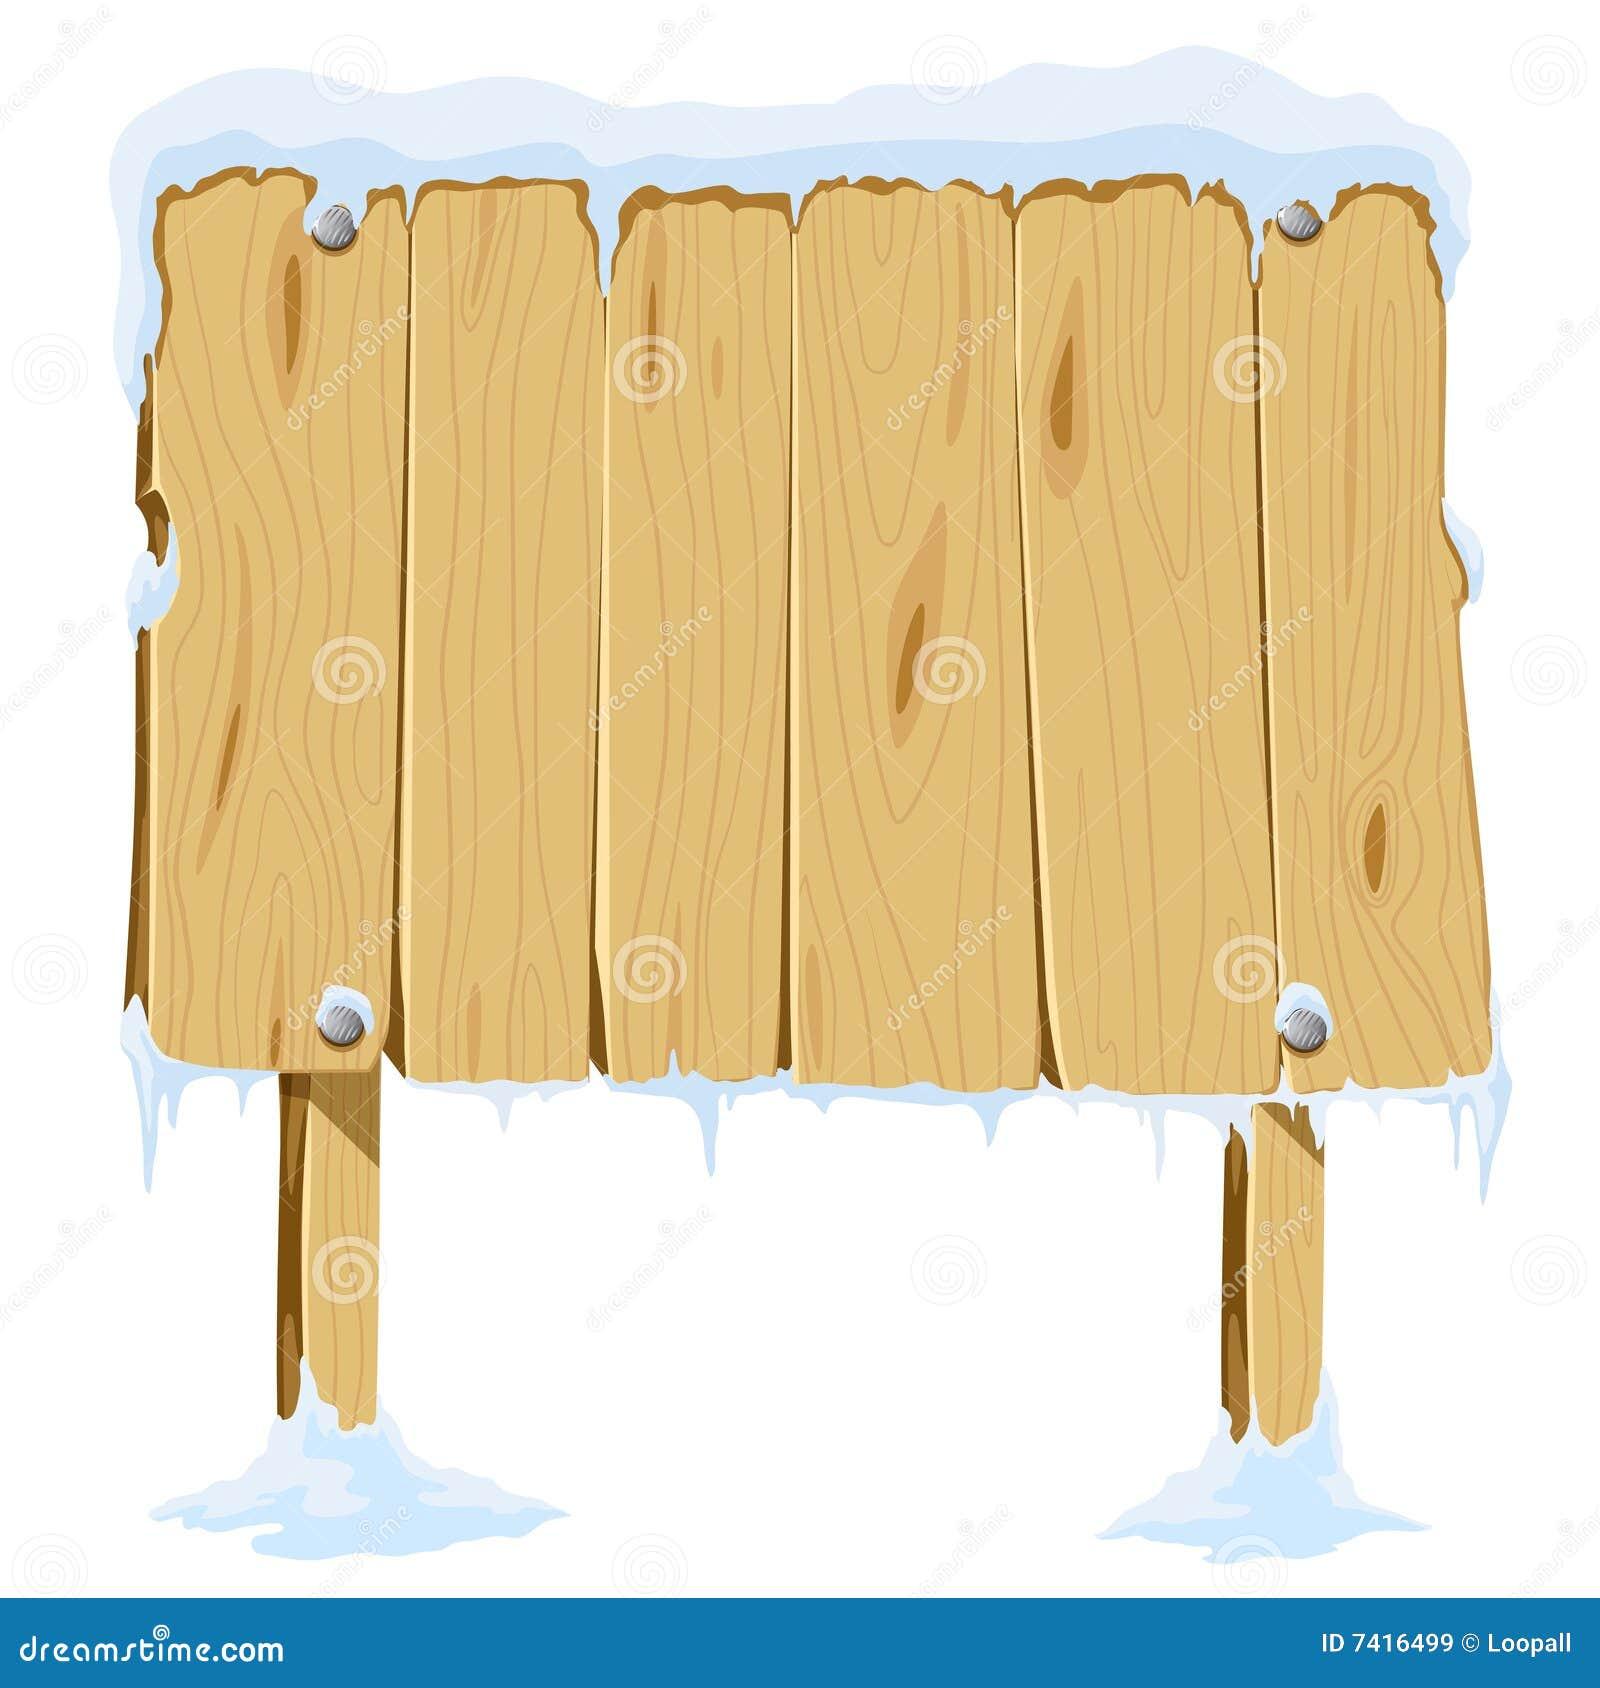 Neige Blanc De Panneau En Bois Images libres de droits Image 7416499 # Panneau Copeaux Bois Compressé